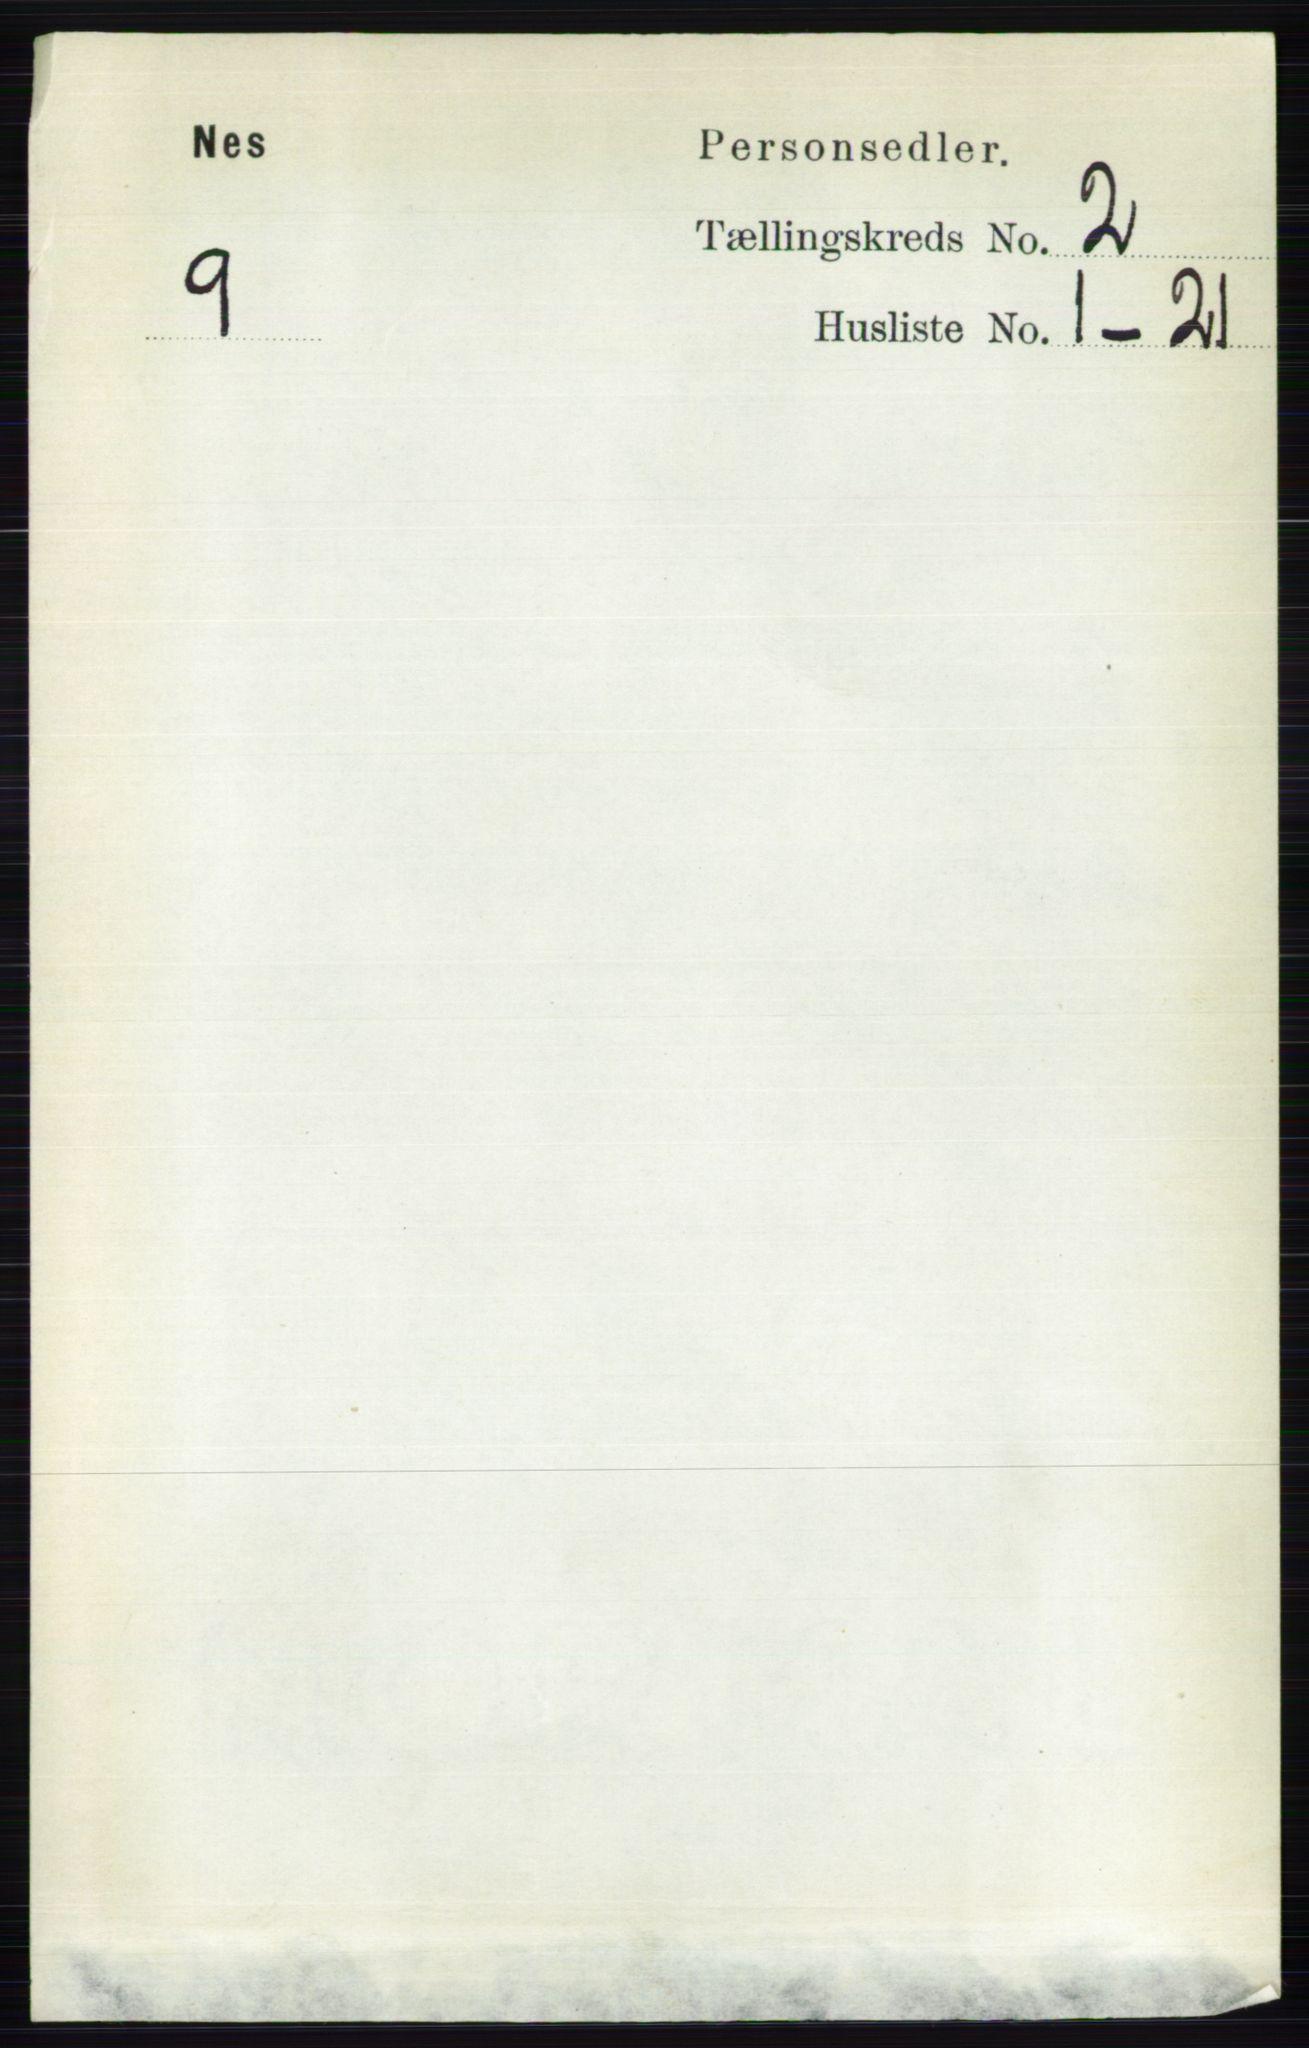 RA, Folketelling 1891 for 0411 Nes herred, 1891, s. 1071